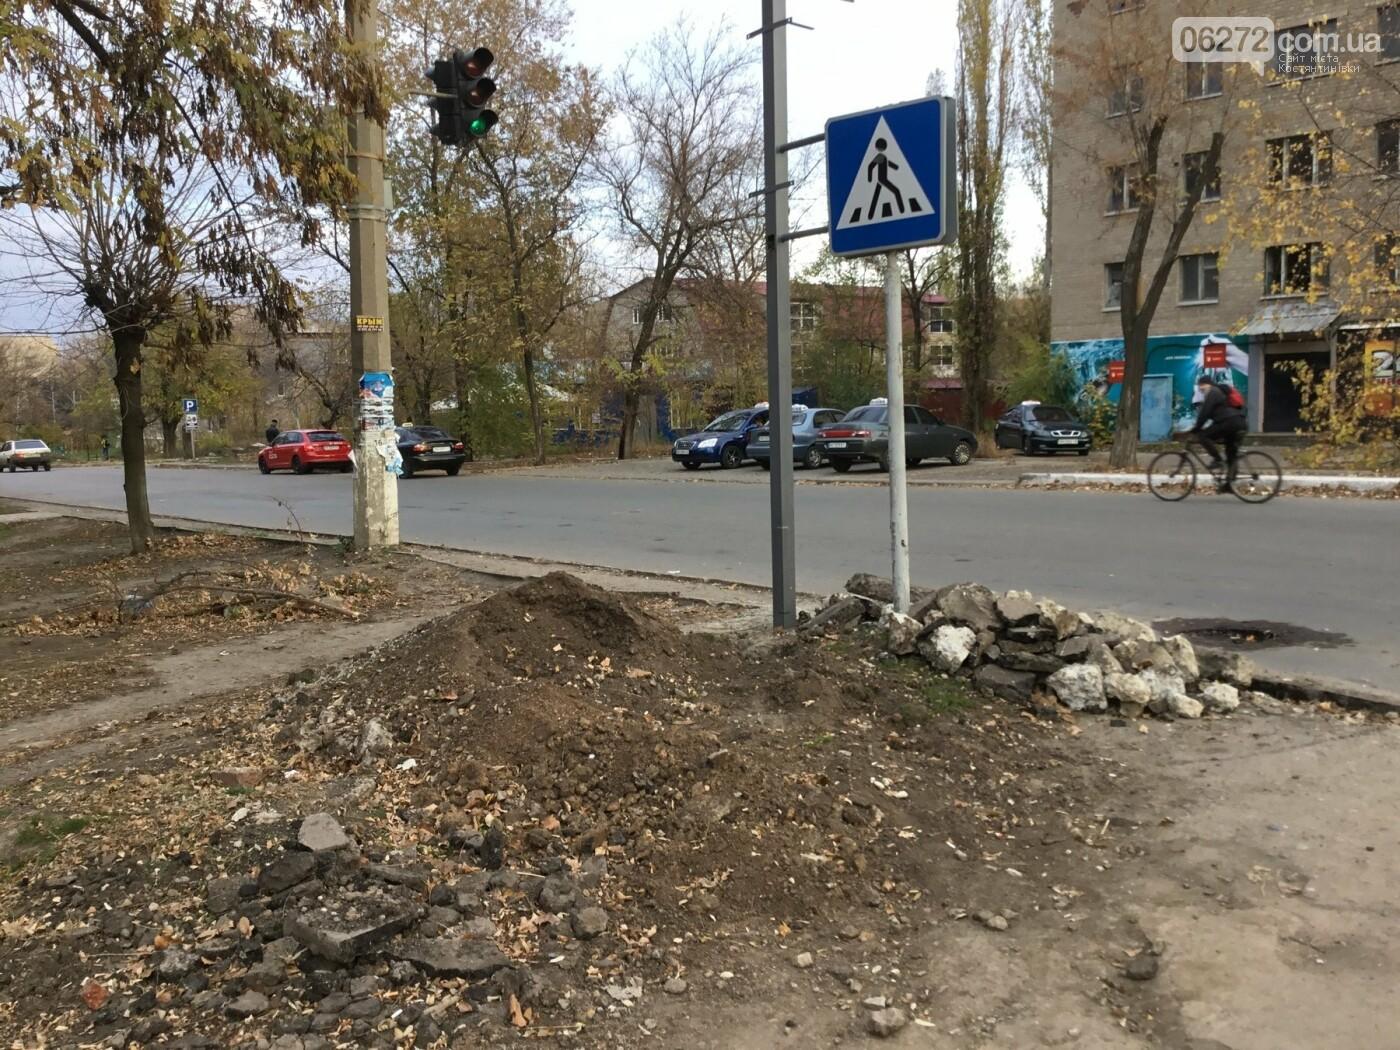 У Костянтинівці з'являться сучасні світлофори, фото-4